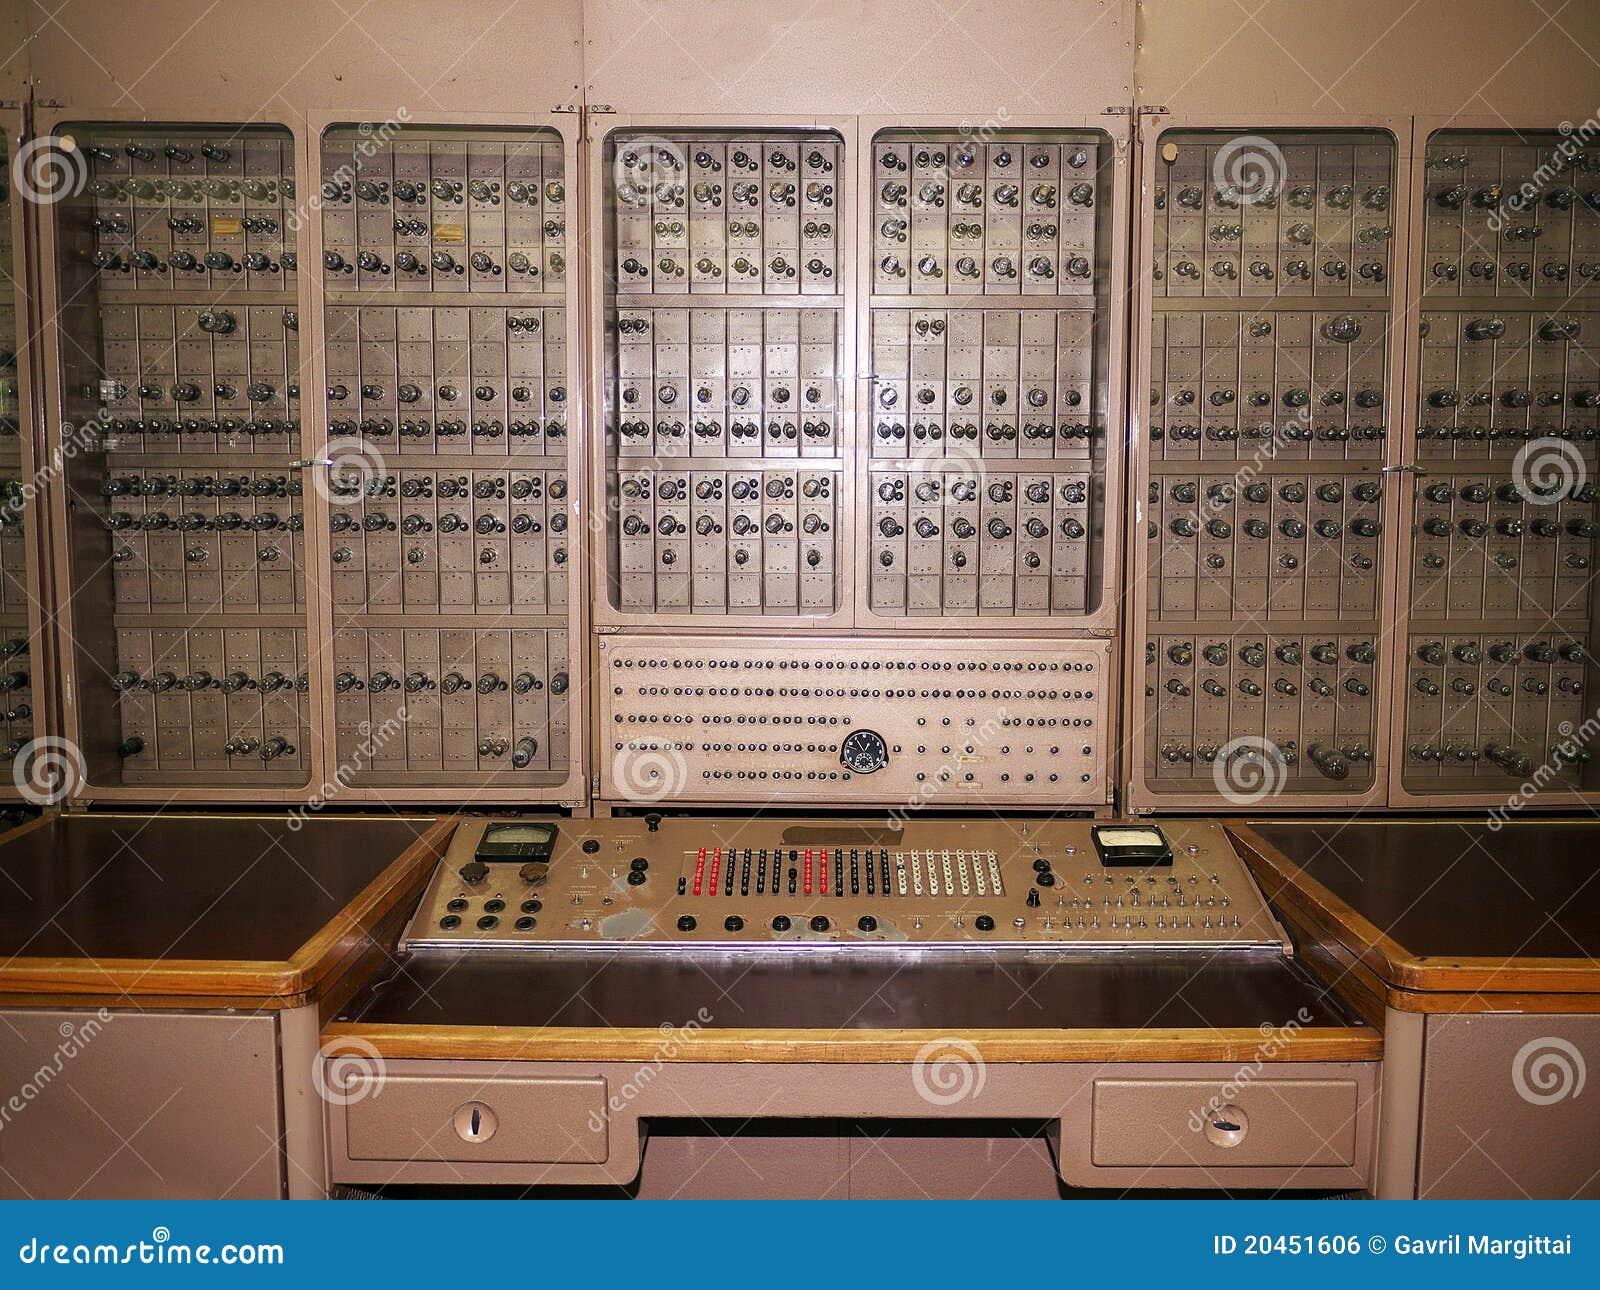 De l'horlogerie sous-marine lourde Ordinateur-électronique-historique-russe-20451606